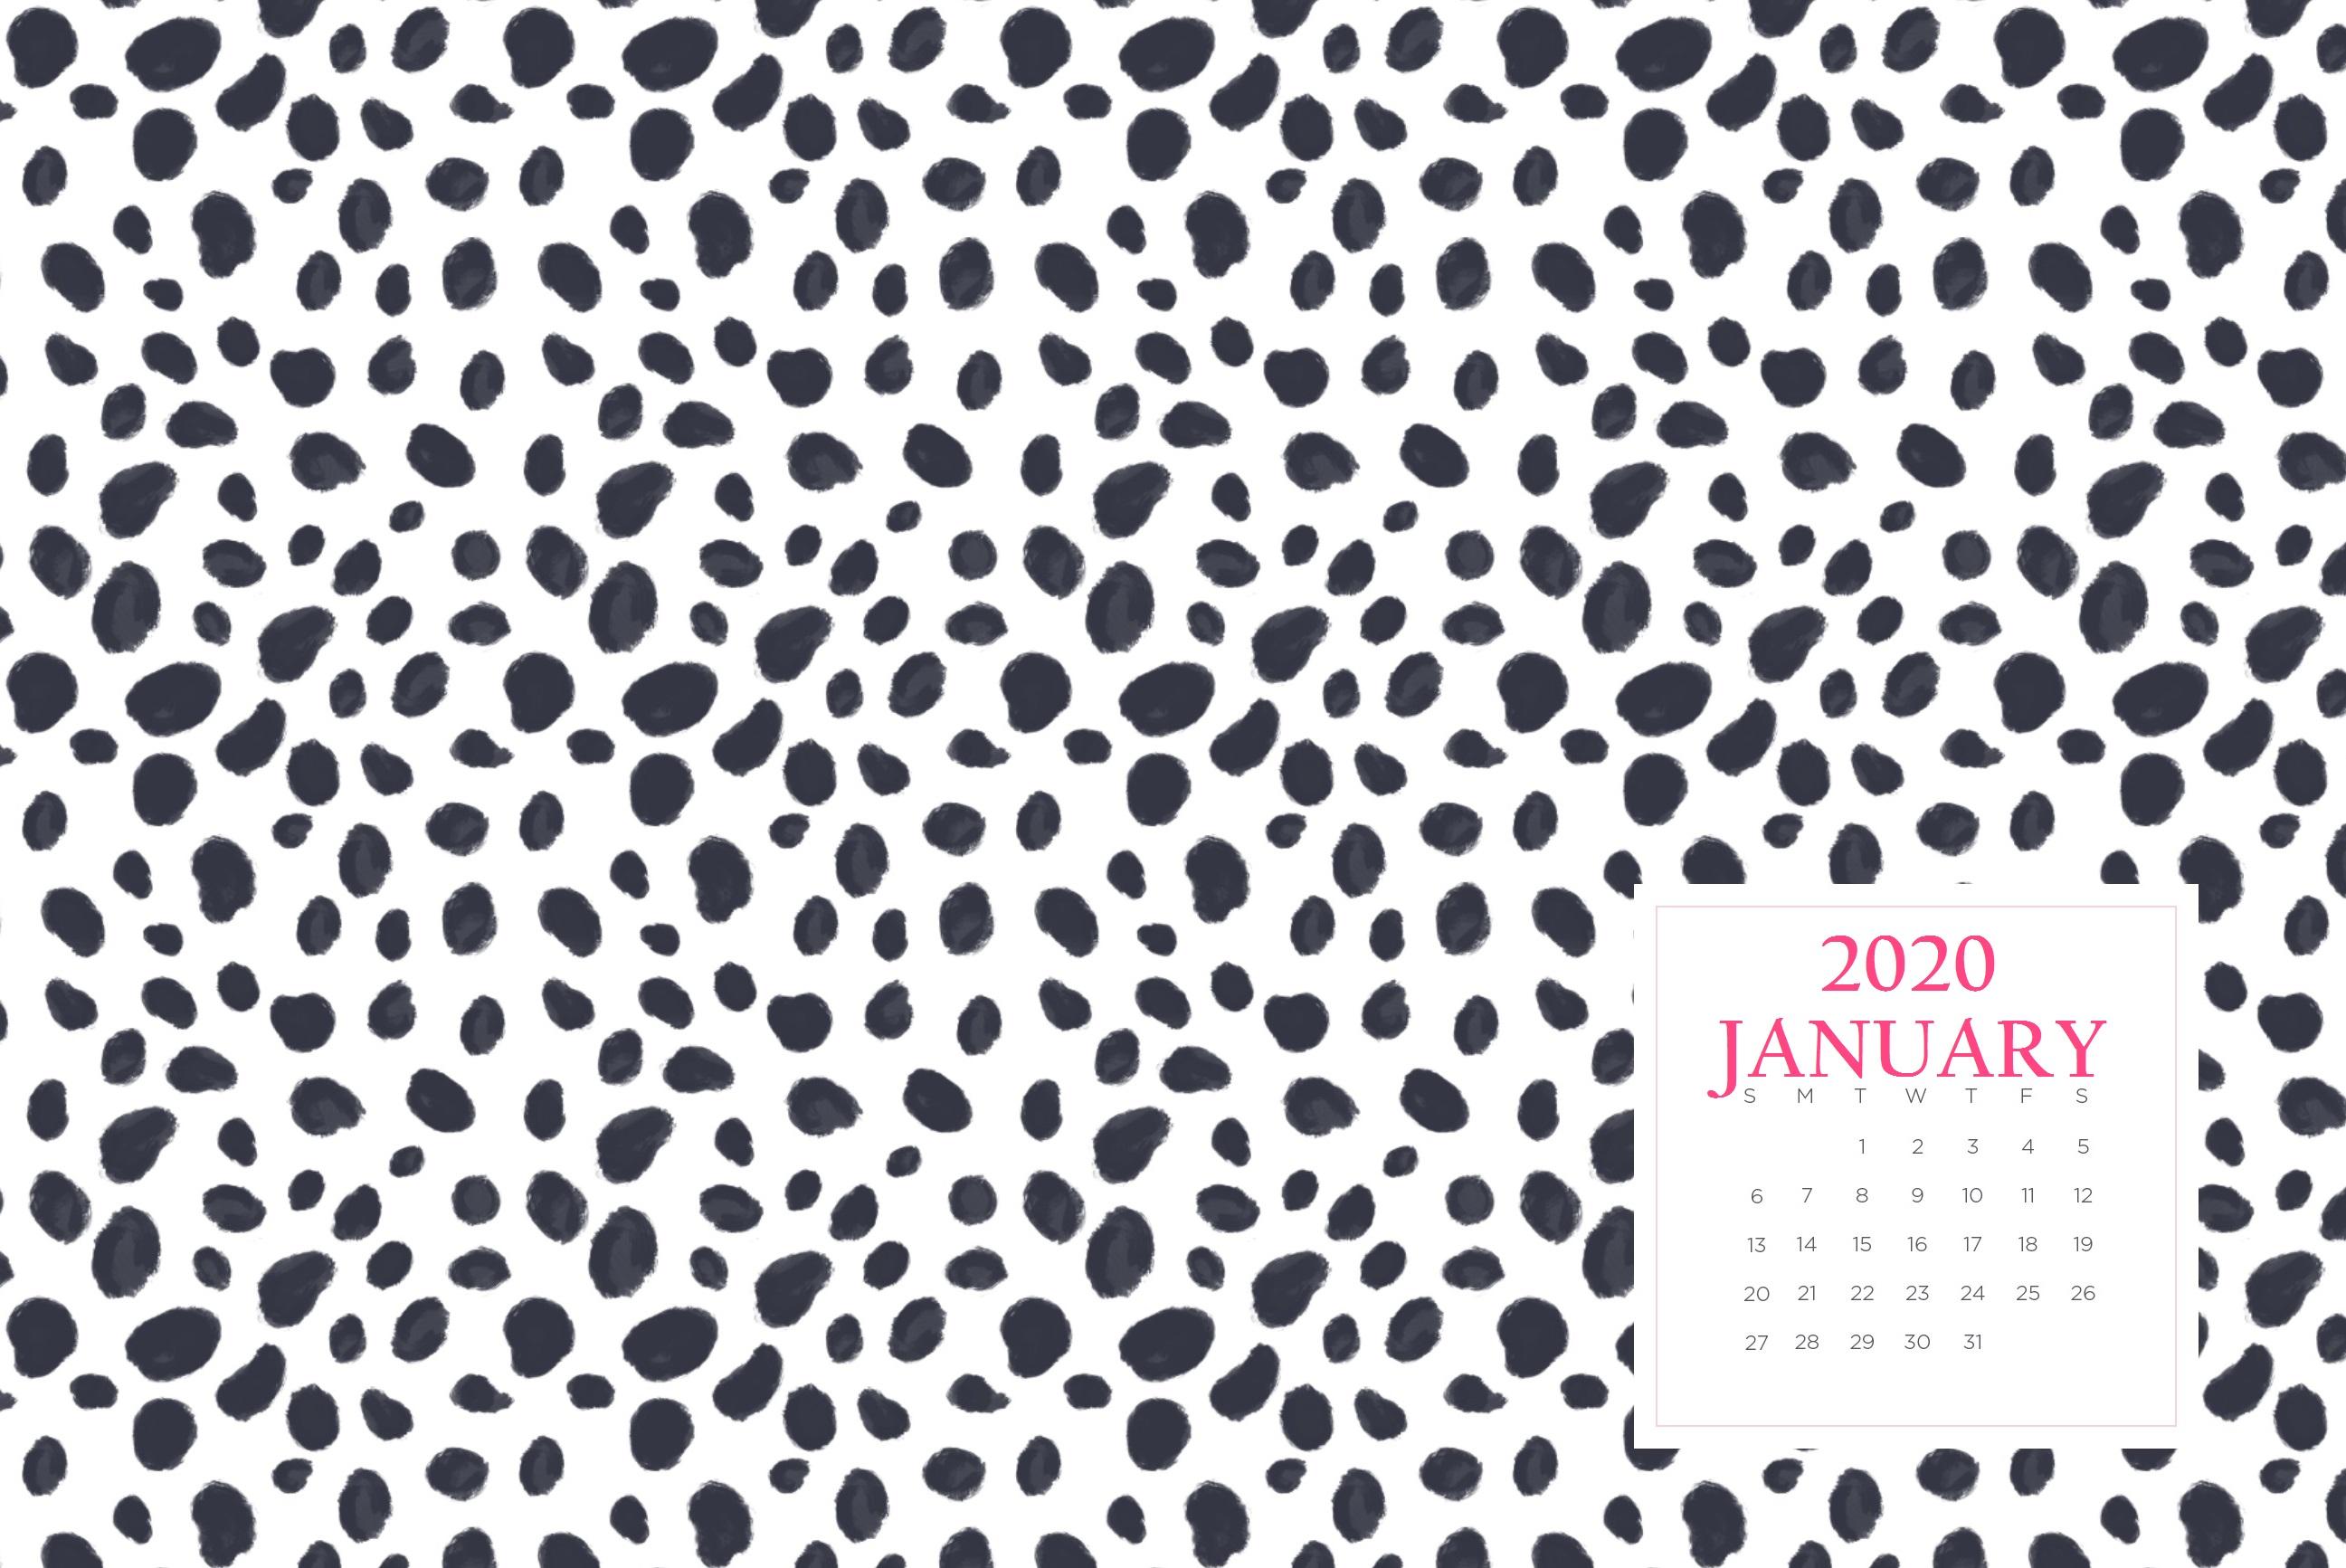 January 2020 Wallpaper Calendar Calendar 2019 2593x1733